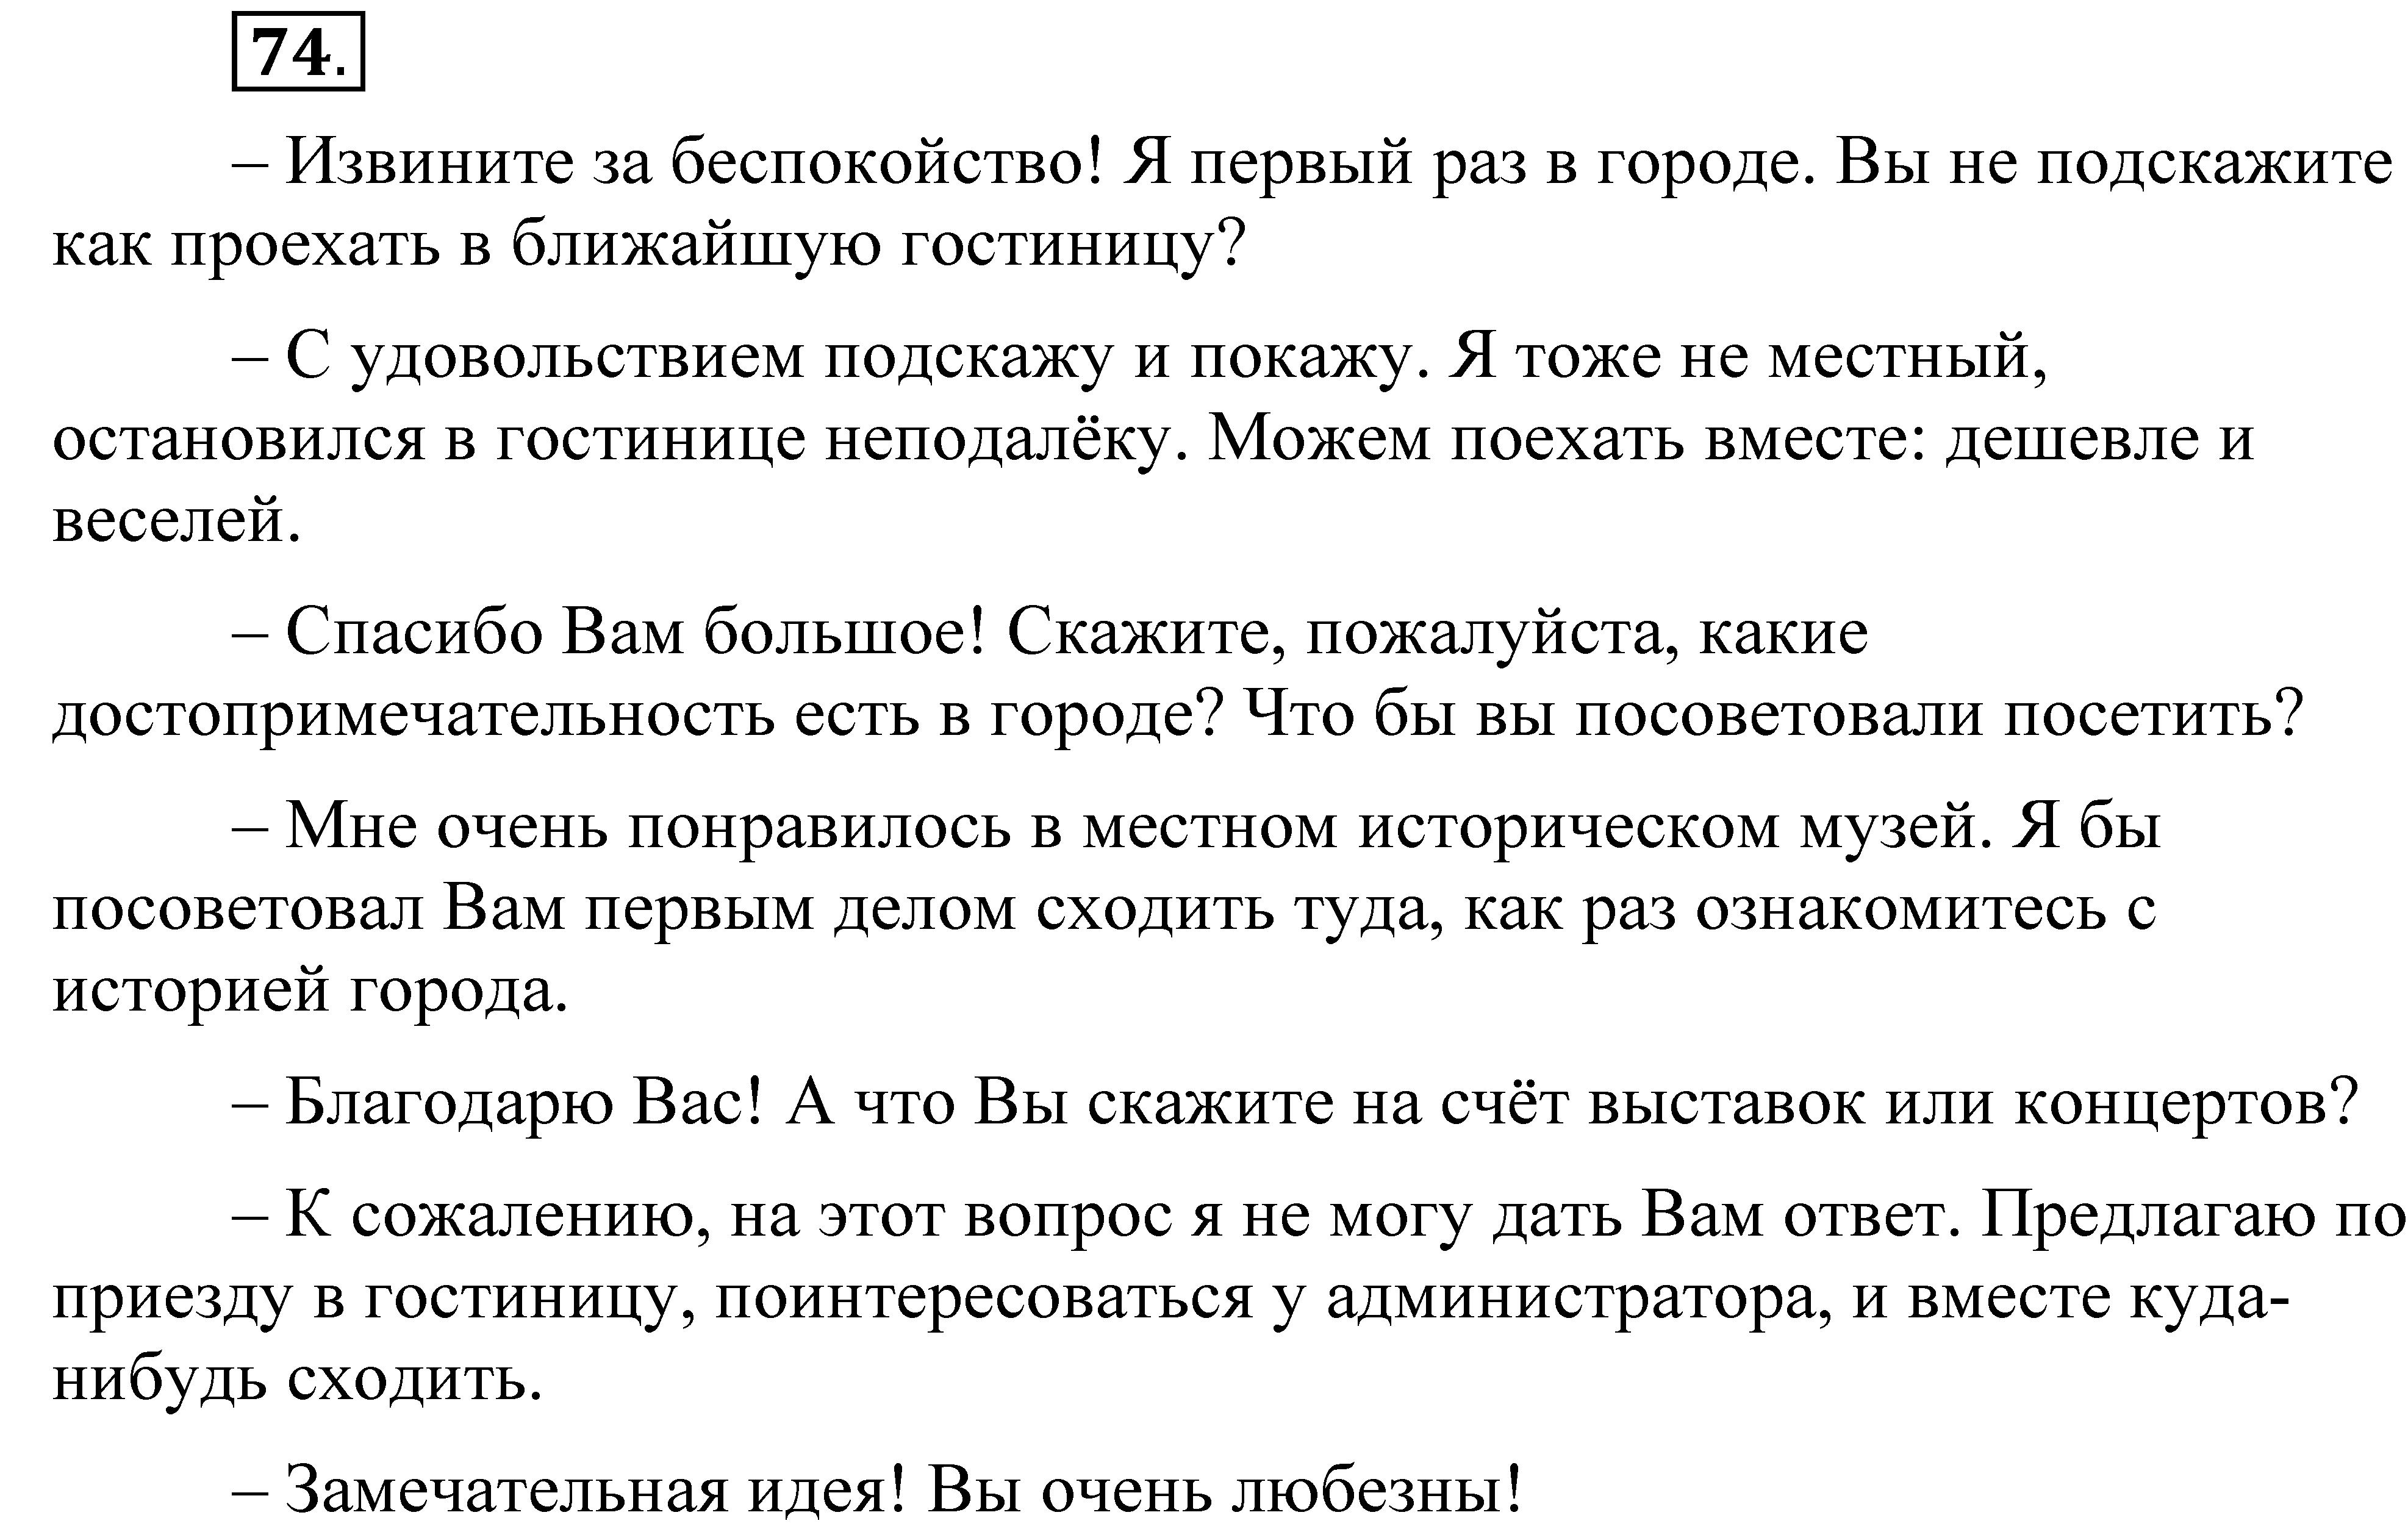 Скачать бесплатно гдз за9 класс по русскому языку .авторыю.с.пичугов